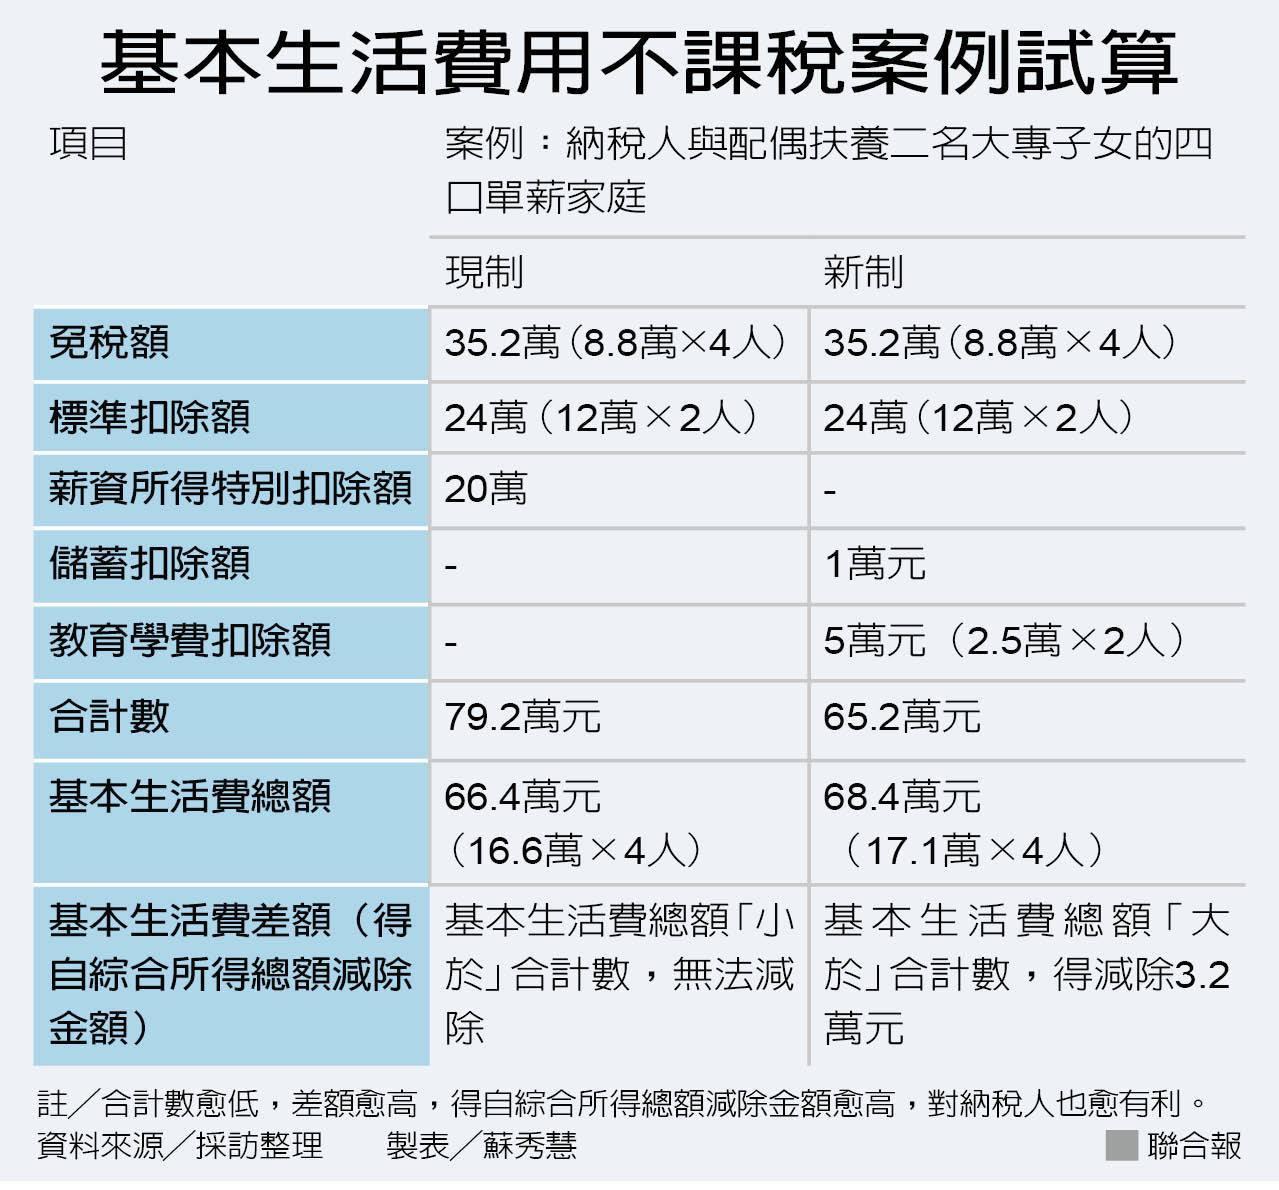 基本生活費用不課稅案例試算 圖/聯合報提供